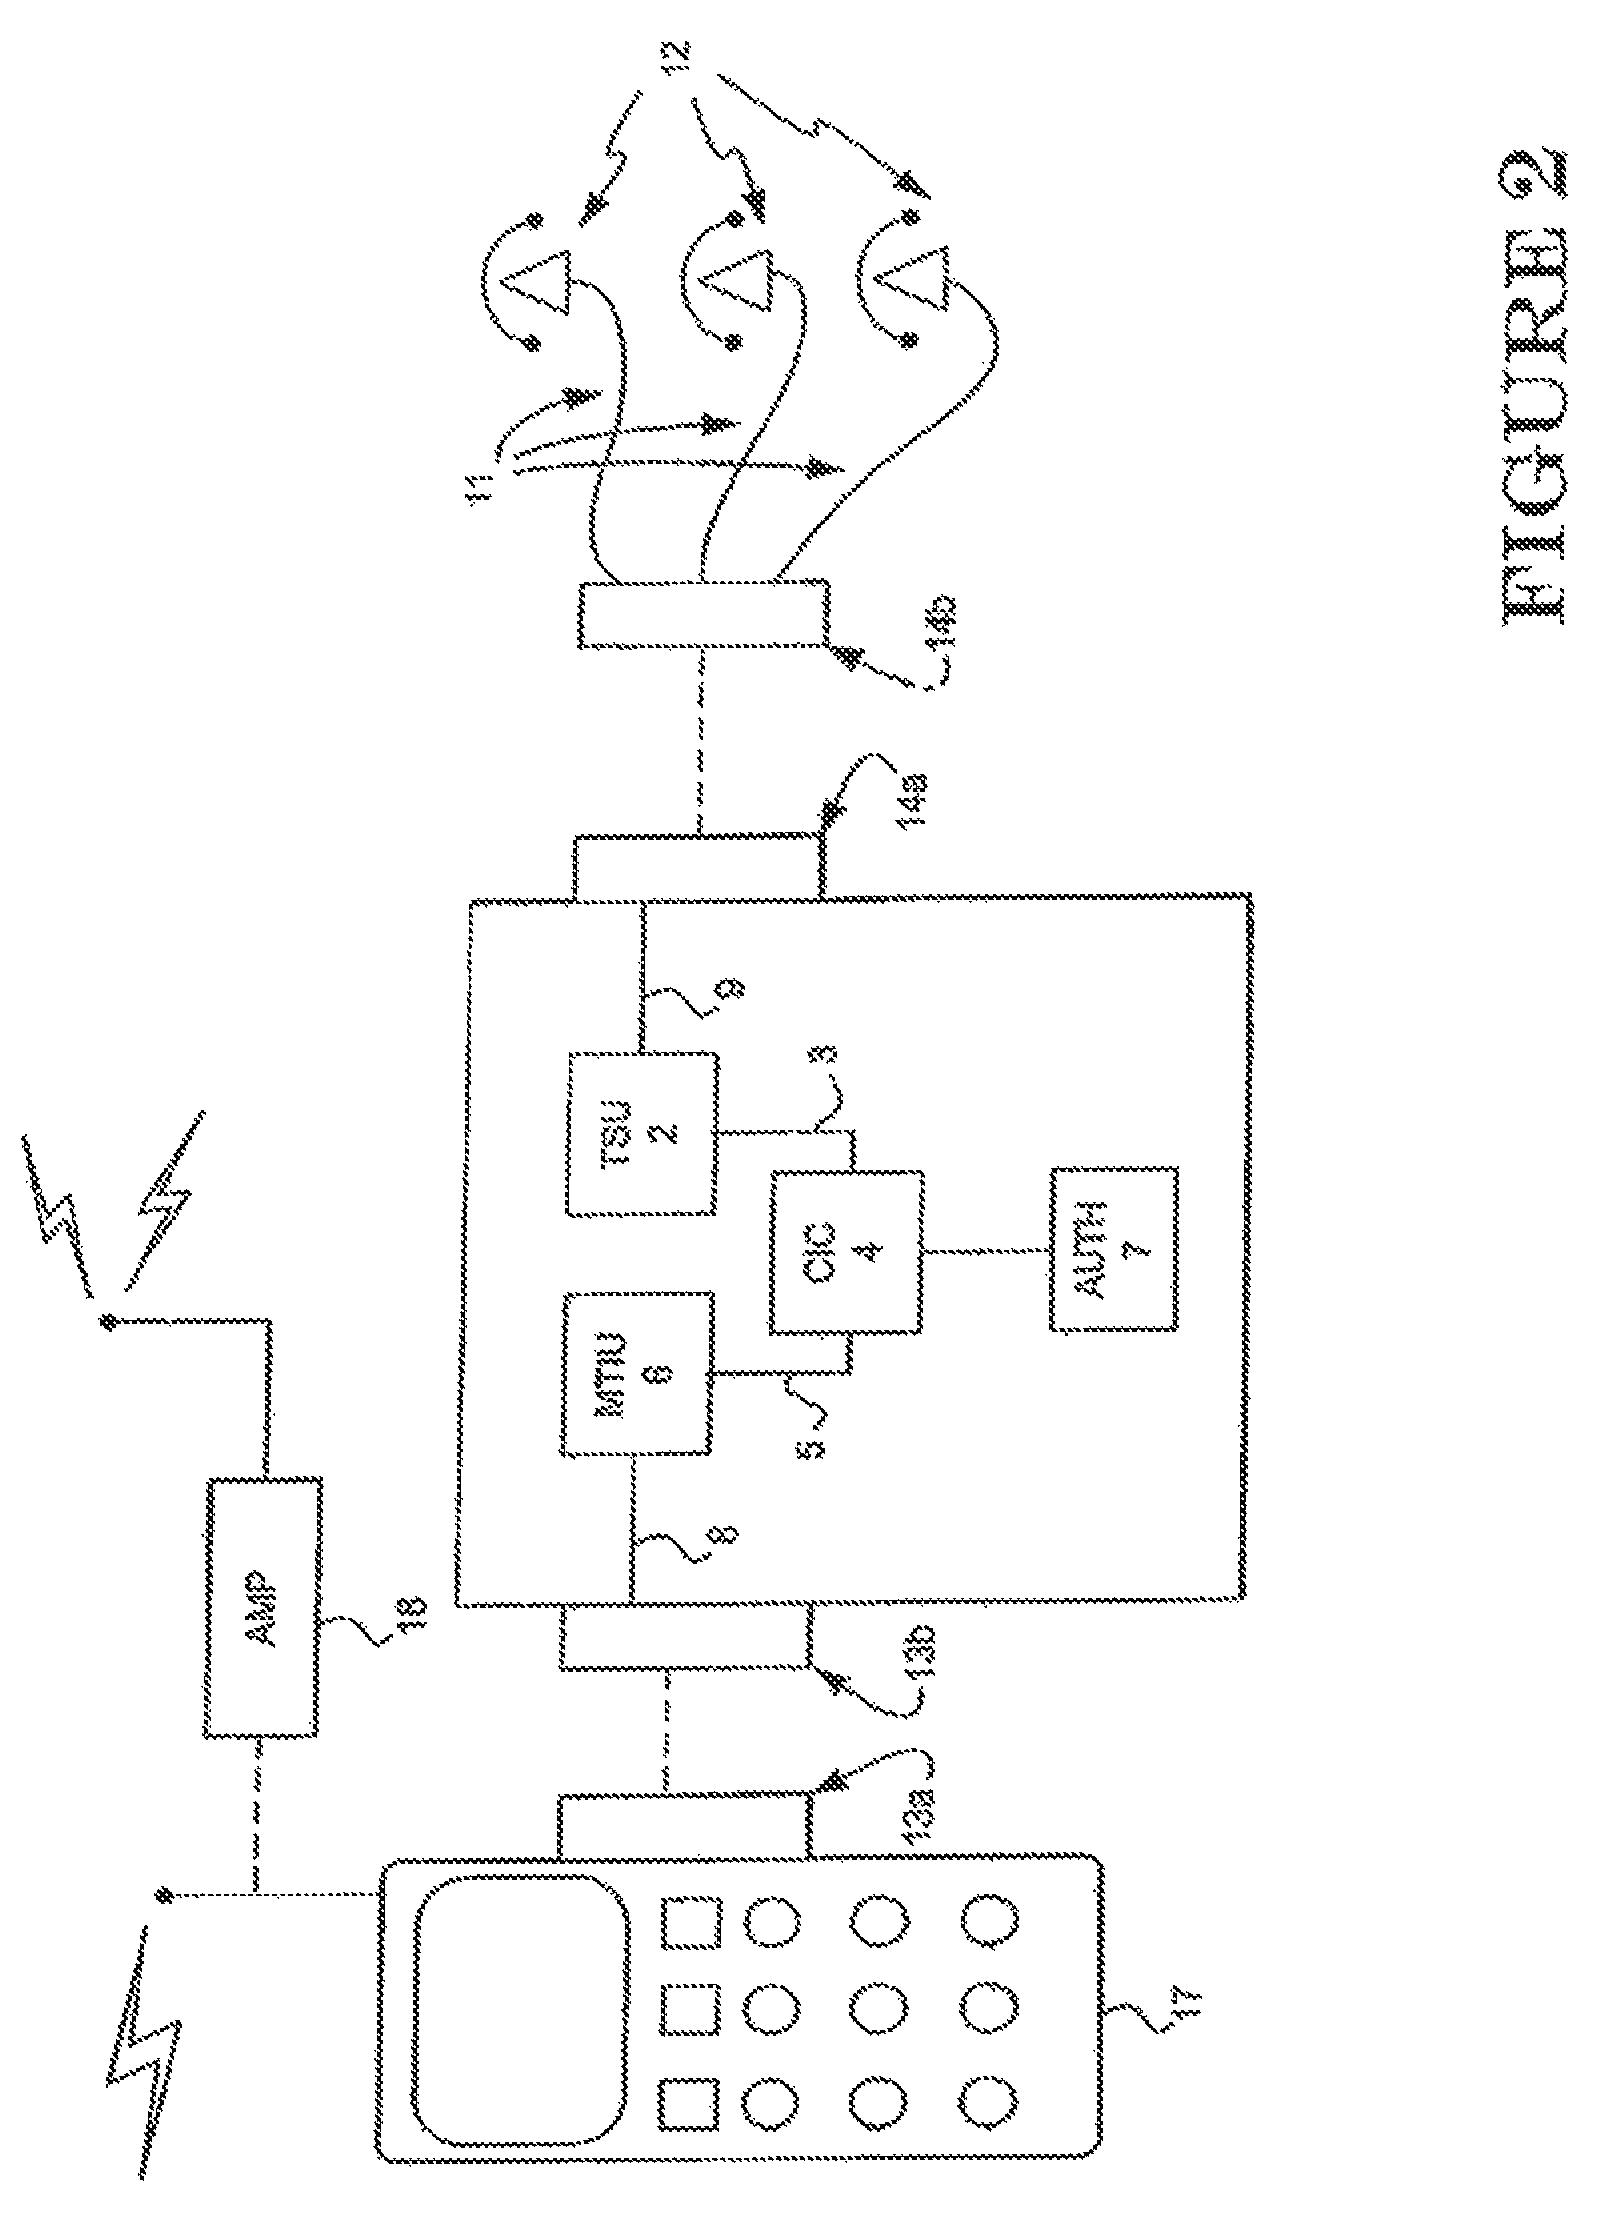 Patent Us 9258845 B2 Simple Door Phone Intercom Circuit Schematic Duplex Circuits Images